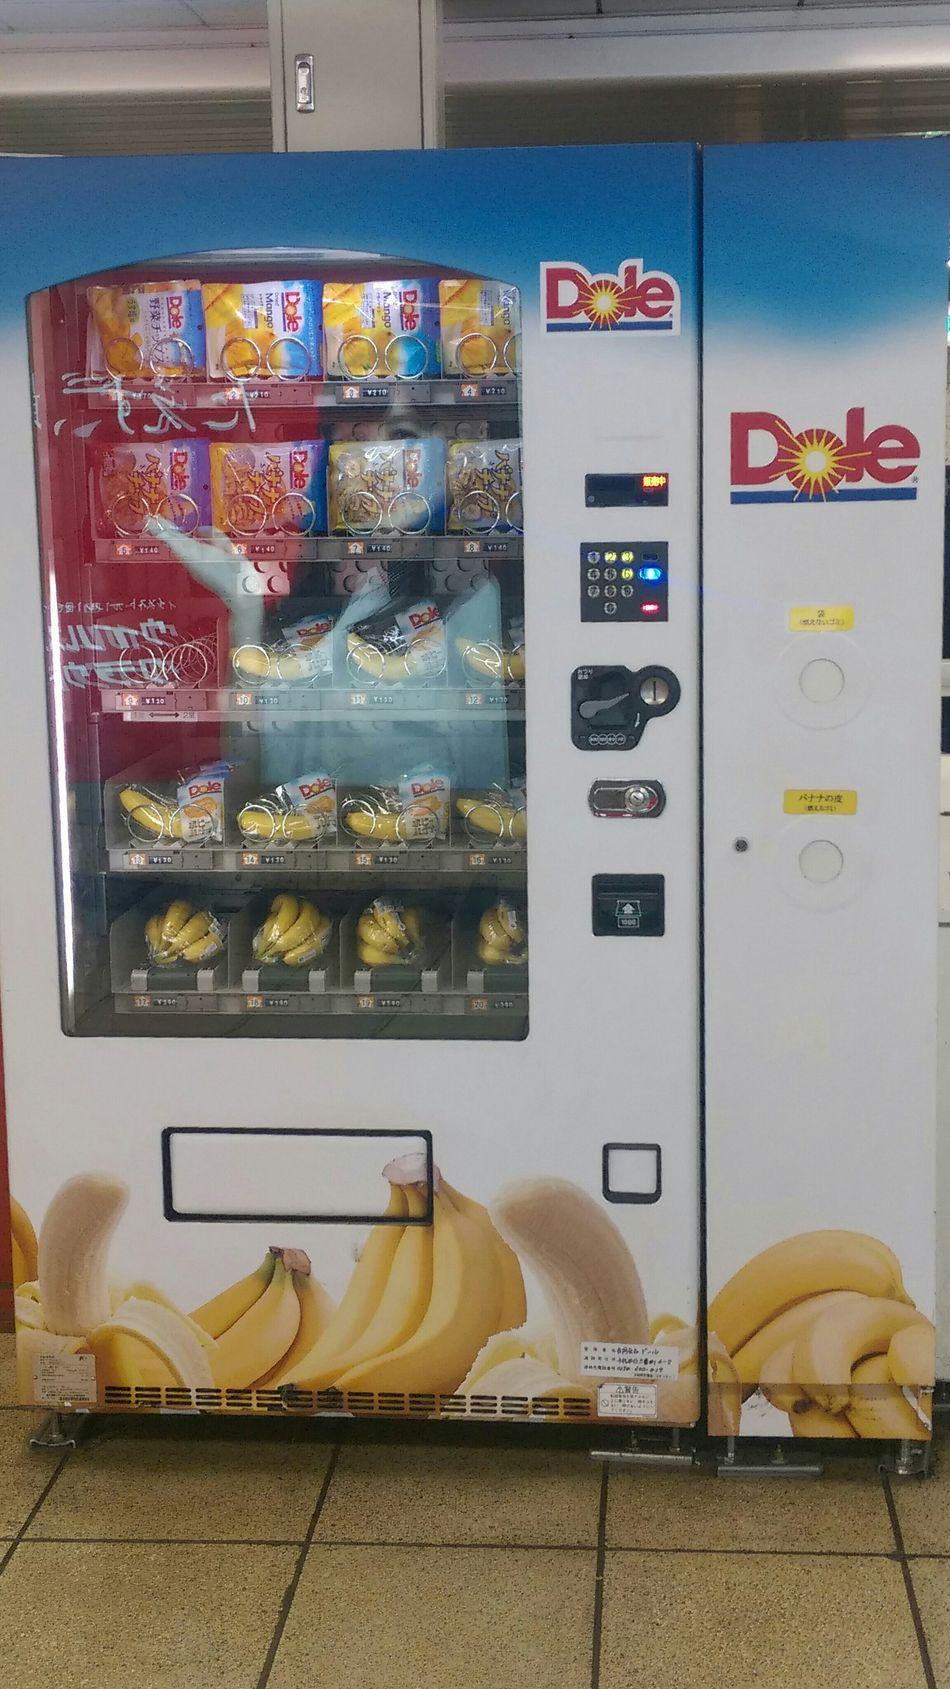 Bananas Vending Machine Streetphotography 何と!バナナの自販機!